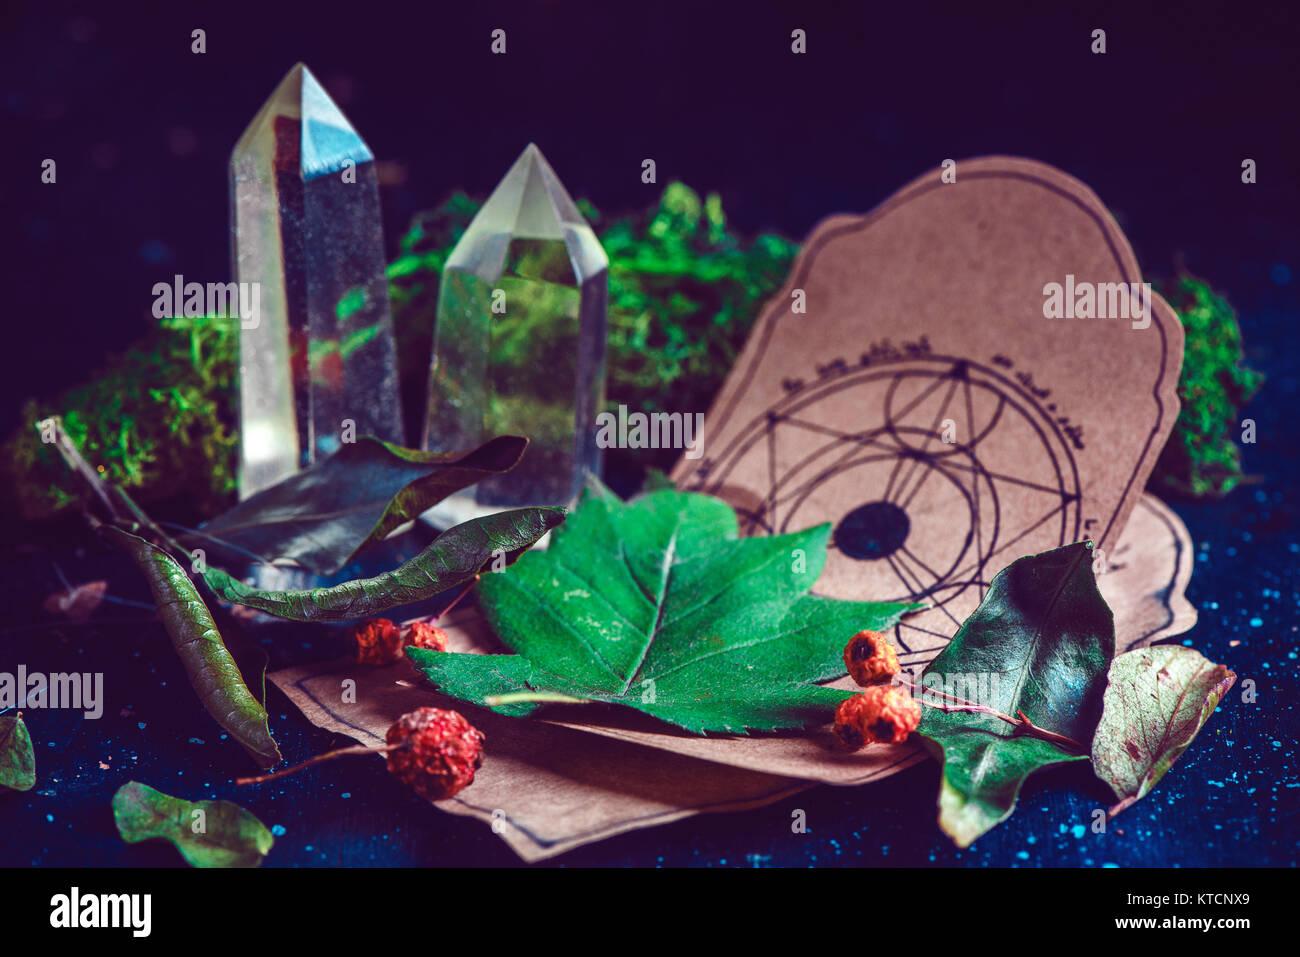 Pentagramm Zeichnung auf einem Pergament mit Zaubertrank Zutaten und Kristalle in eine magische Szene. Moderne Hexerei Stockbild